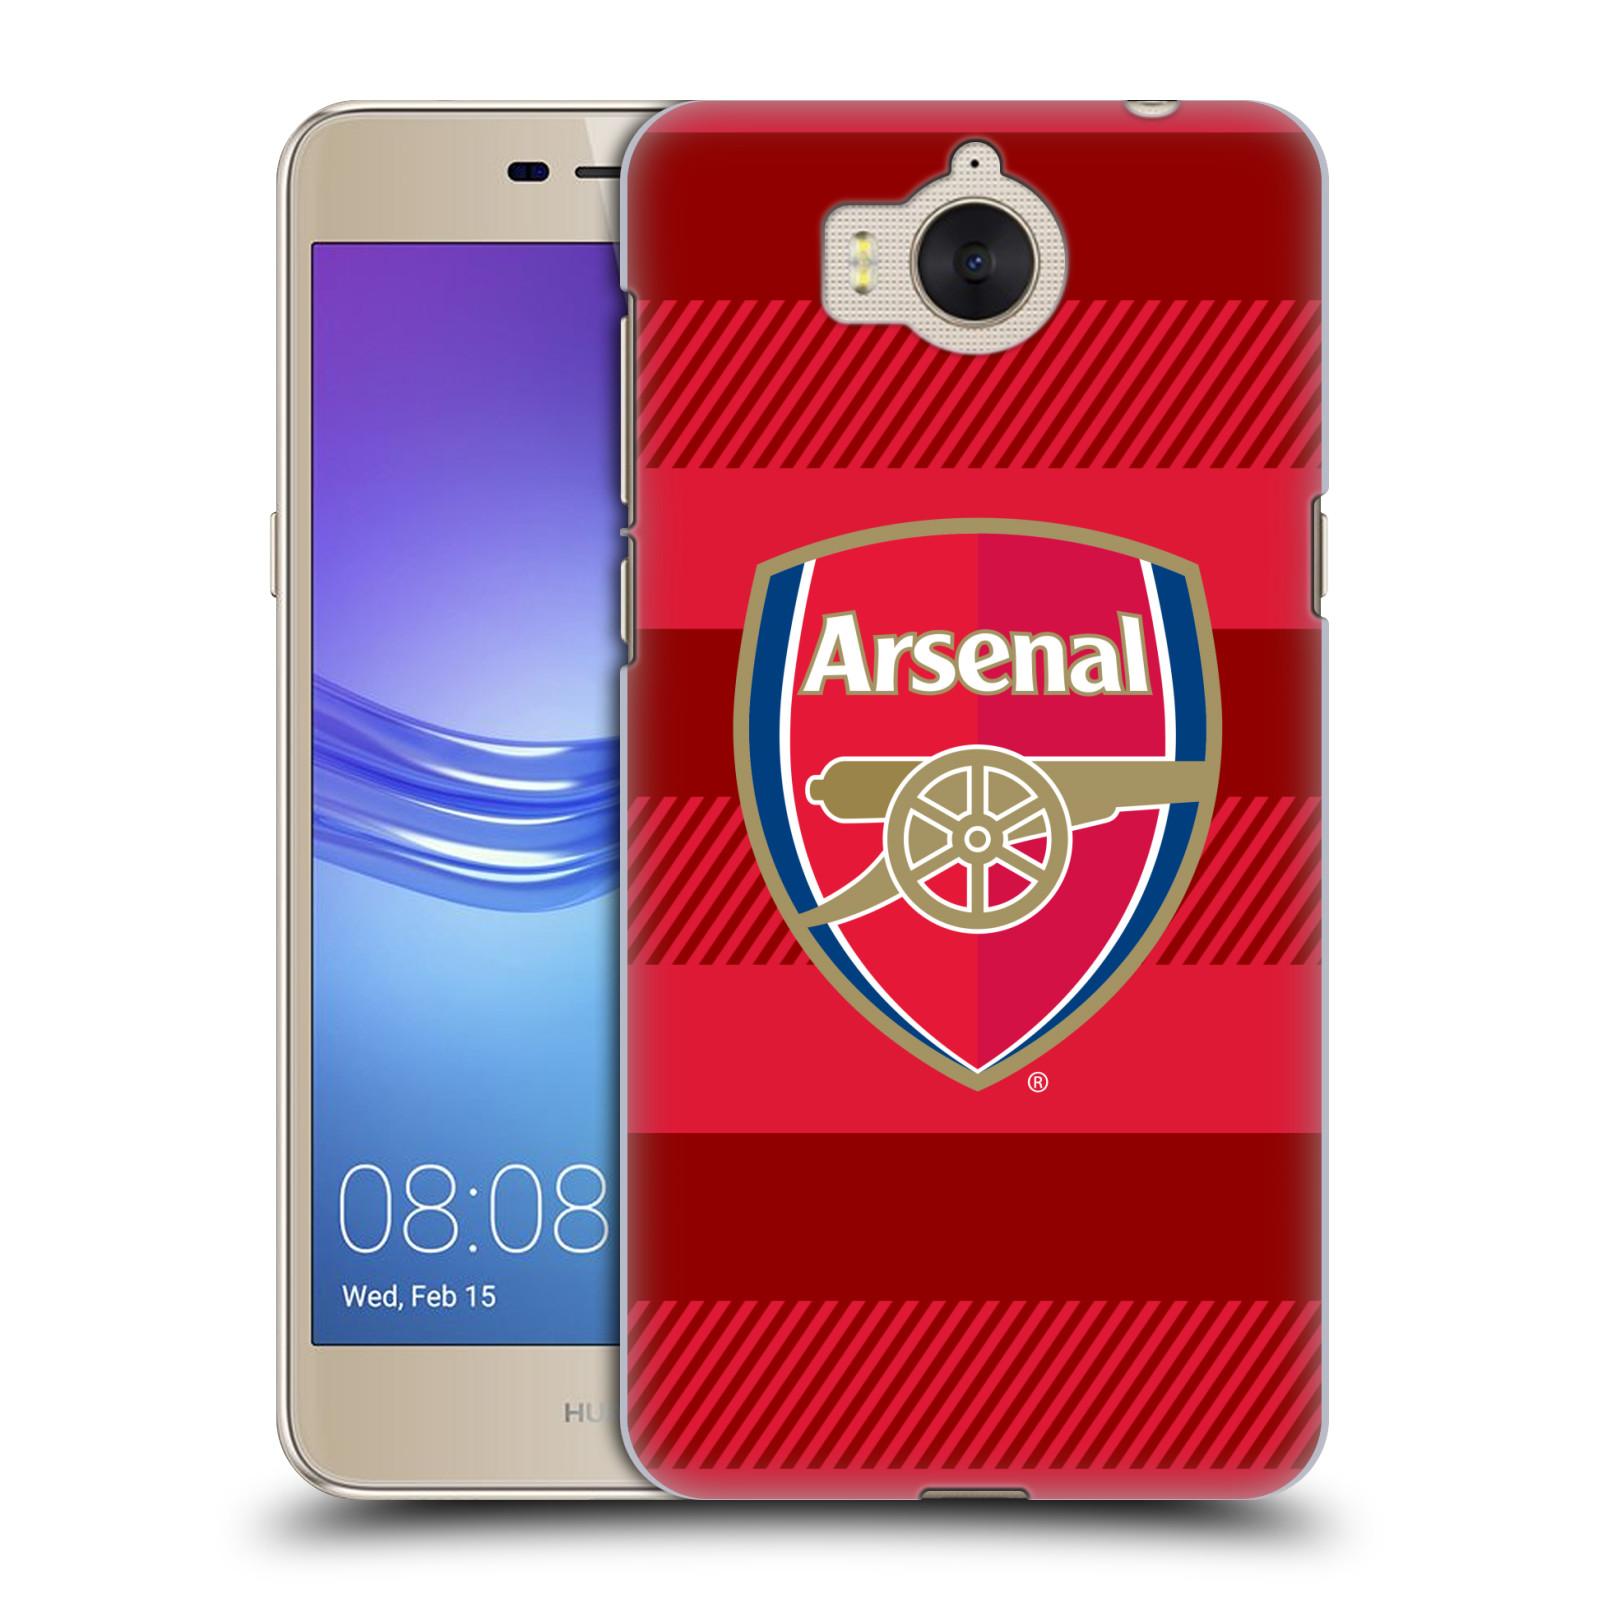 Plastové pouzdro na mobil Huawei Y6 2017 - Head Case - Arsenal FC - Logo s pruhy